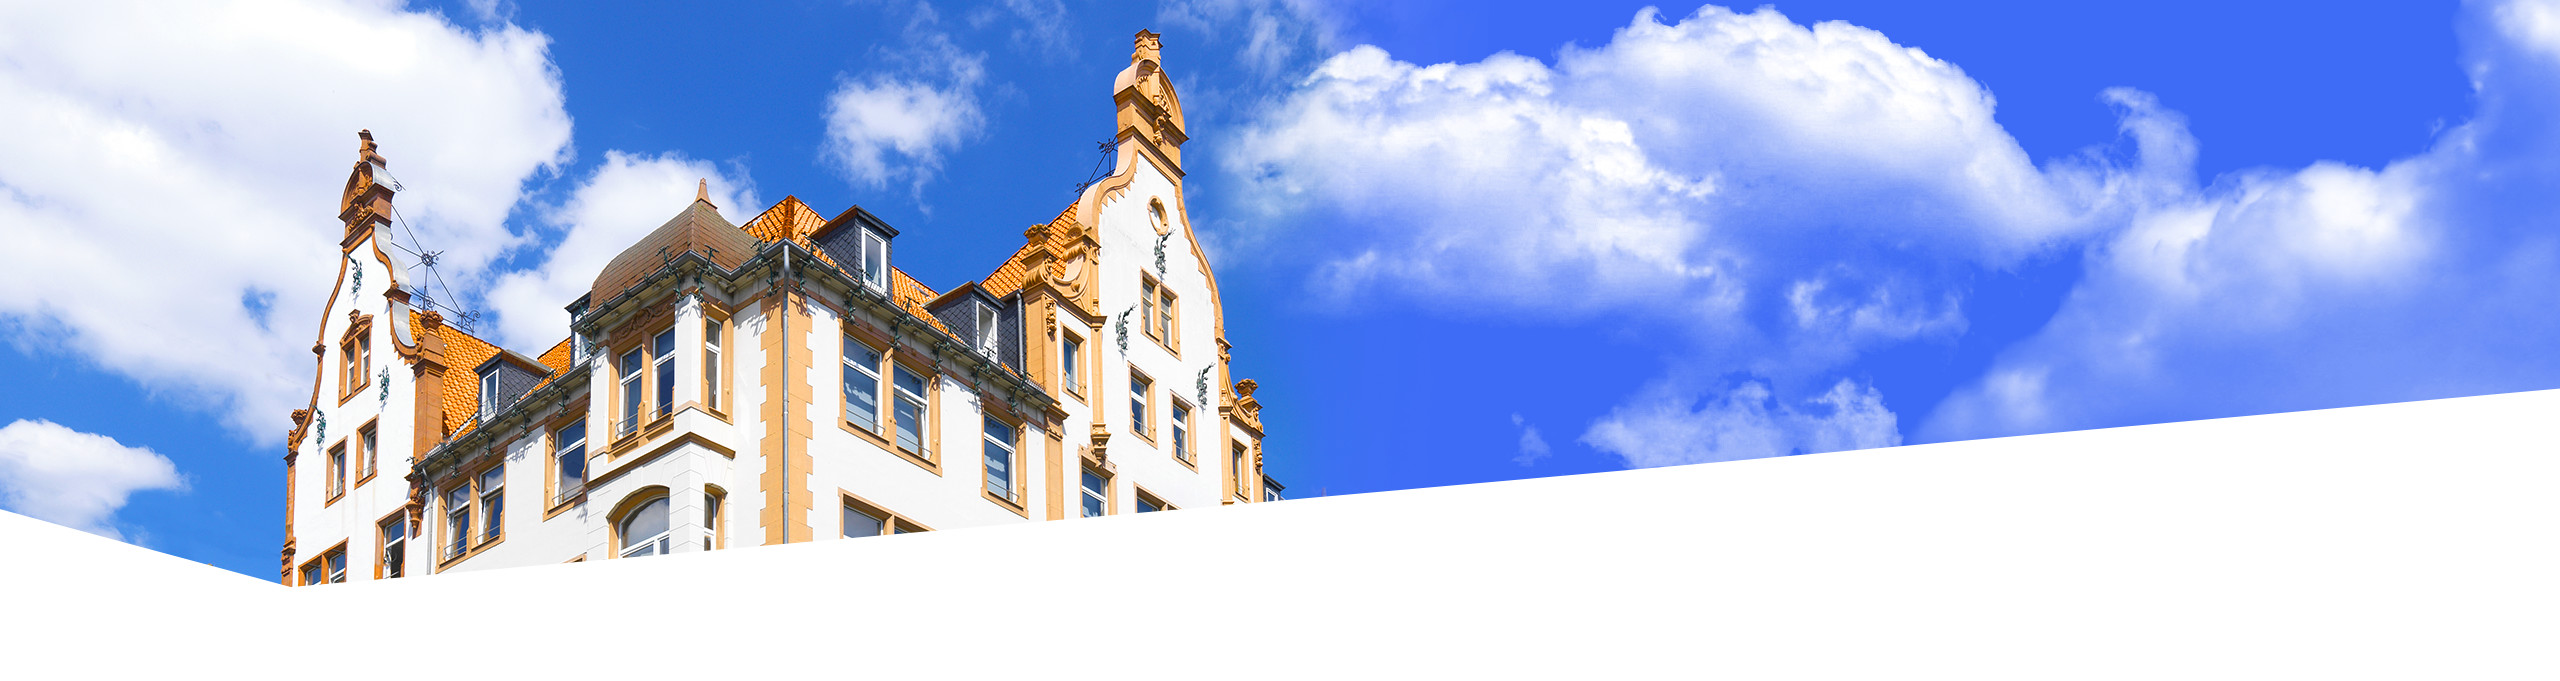 Außenansicht des Gebäudes der Dr. Buhmann Schule und Akademie, von unten in den Himmel aufgenommen